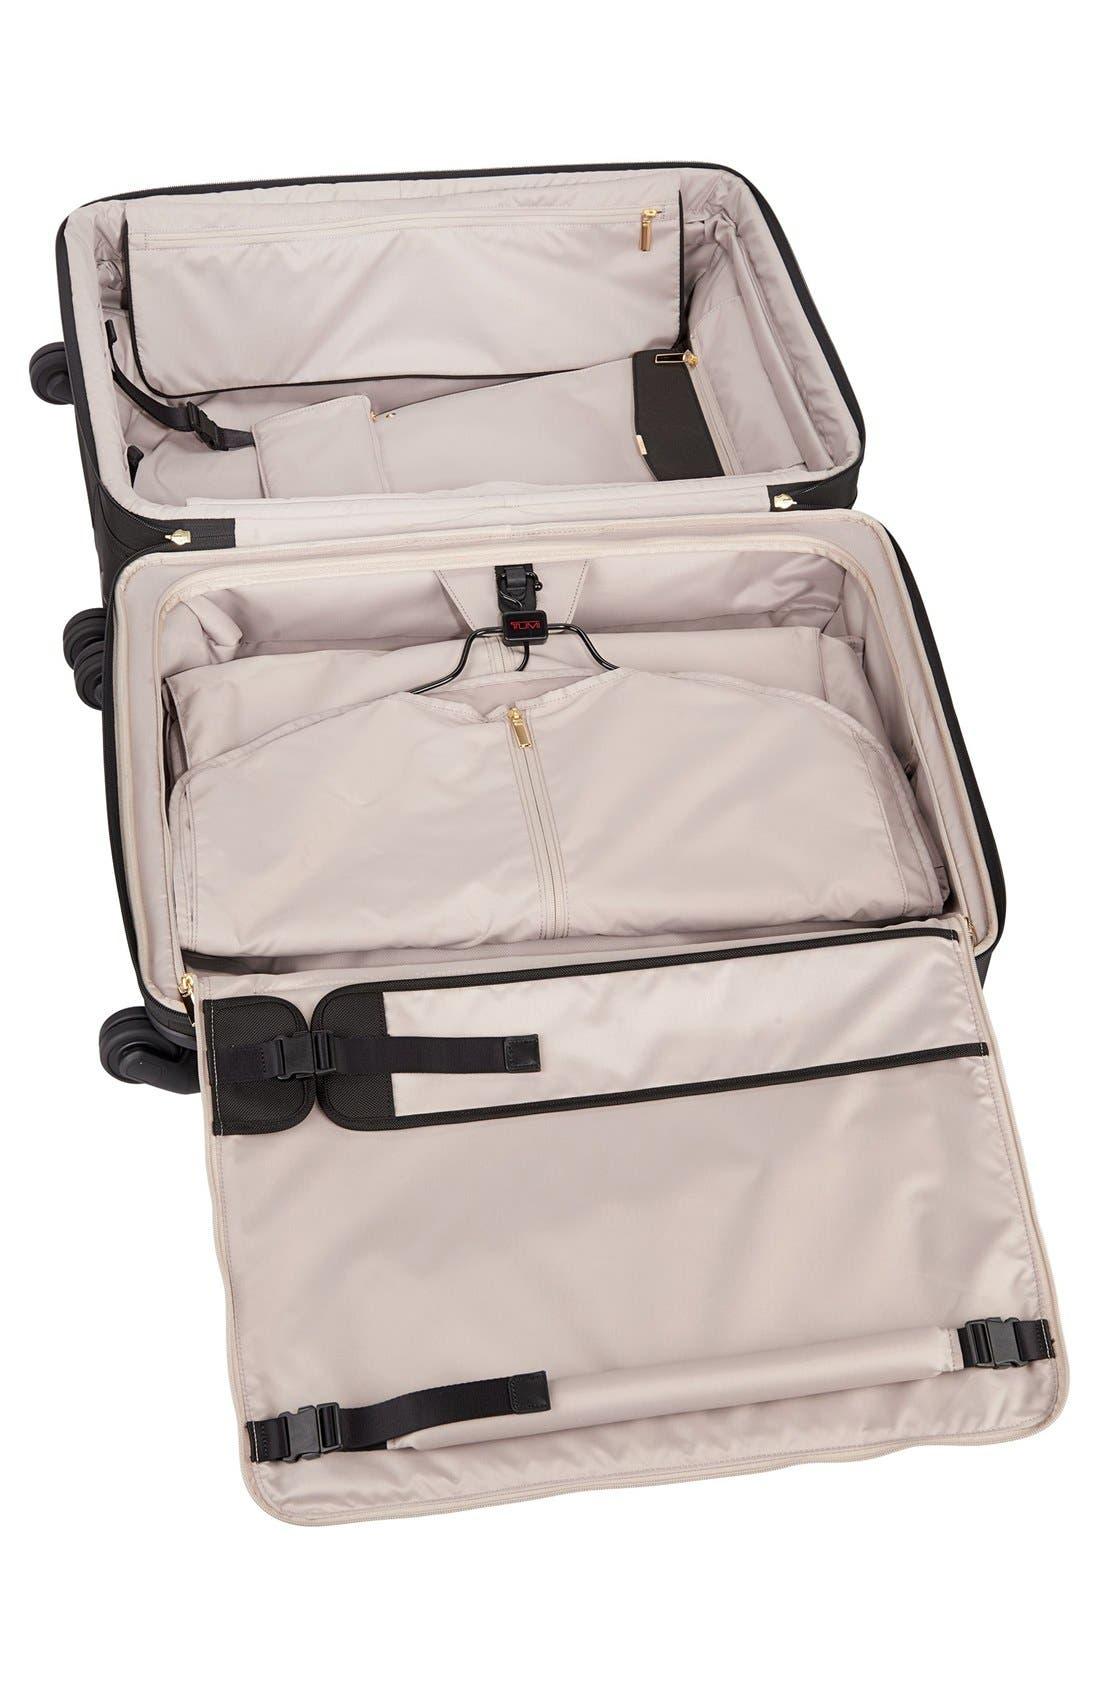 Larkin - Jess Short Trip 26-Inch Expandable 4-Wheel Suitcase,                             Alternate thumbnail 10, color,                             BLACK